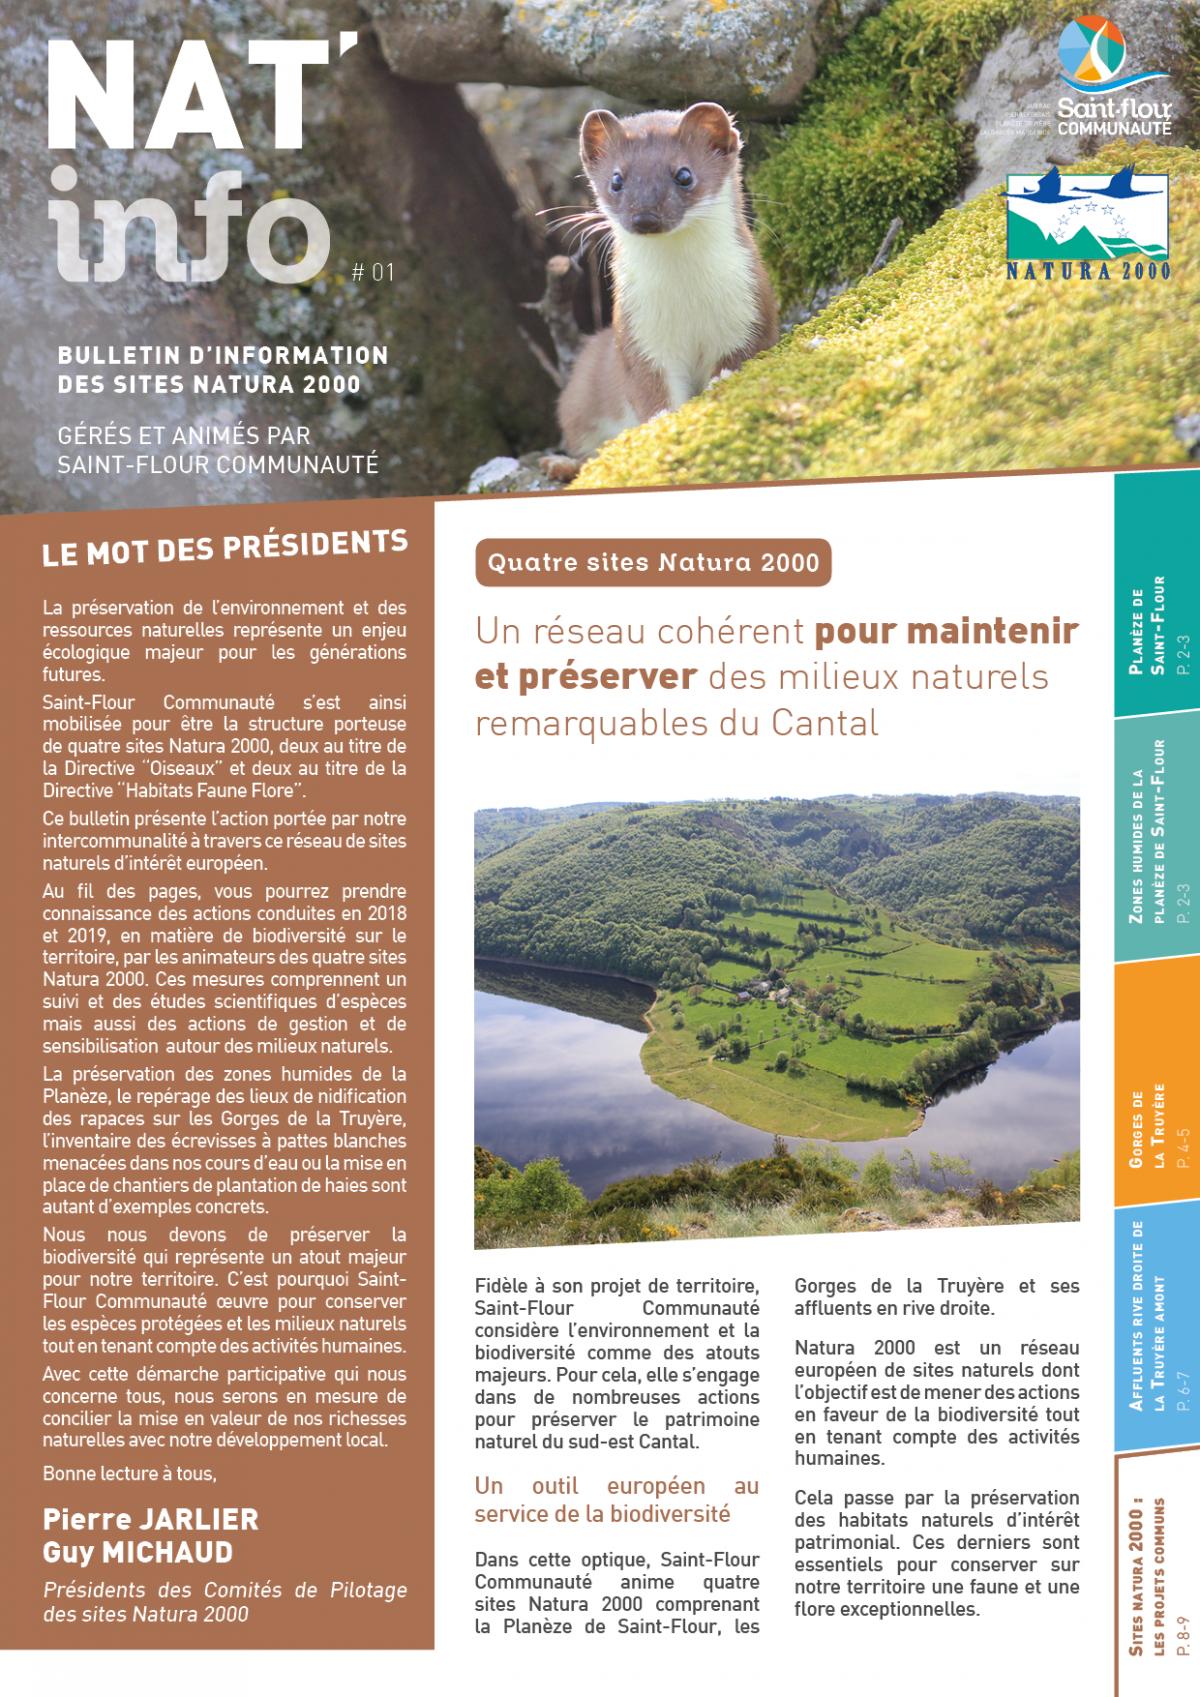 NAT'info #01 - Saint-Flour Communauté